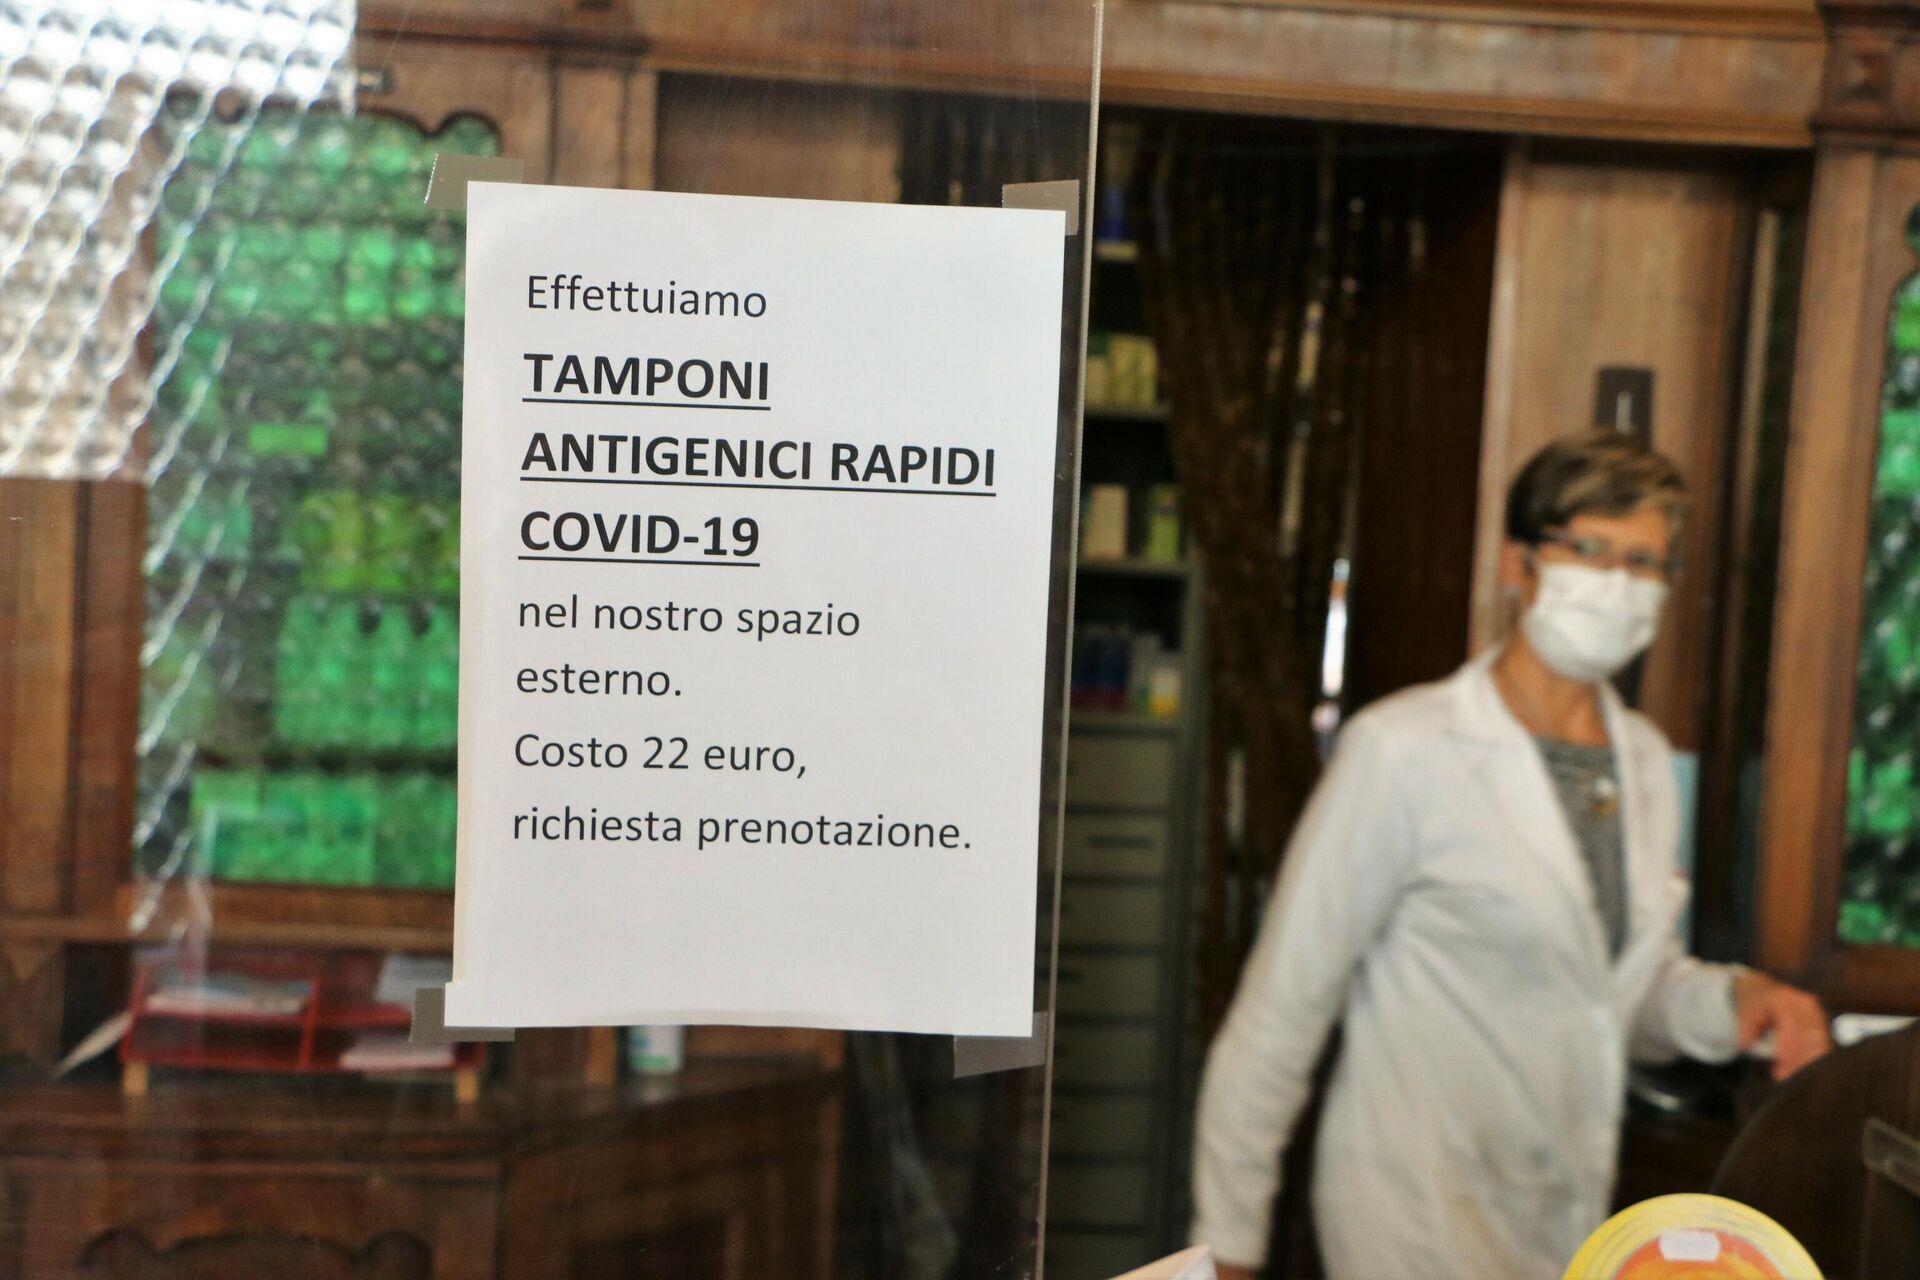 Tamponi in farmacia  - Sputnik Italia, 1920, 06.08.2021